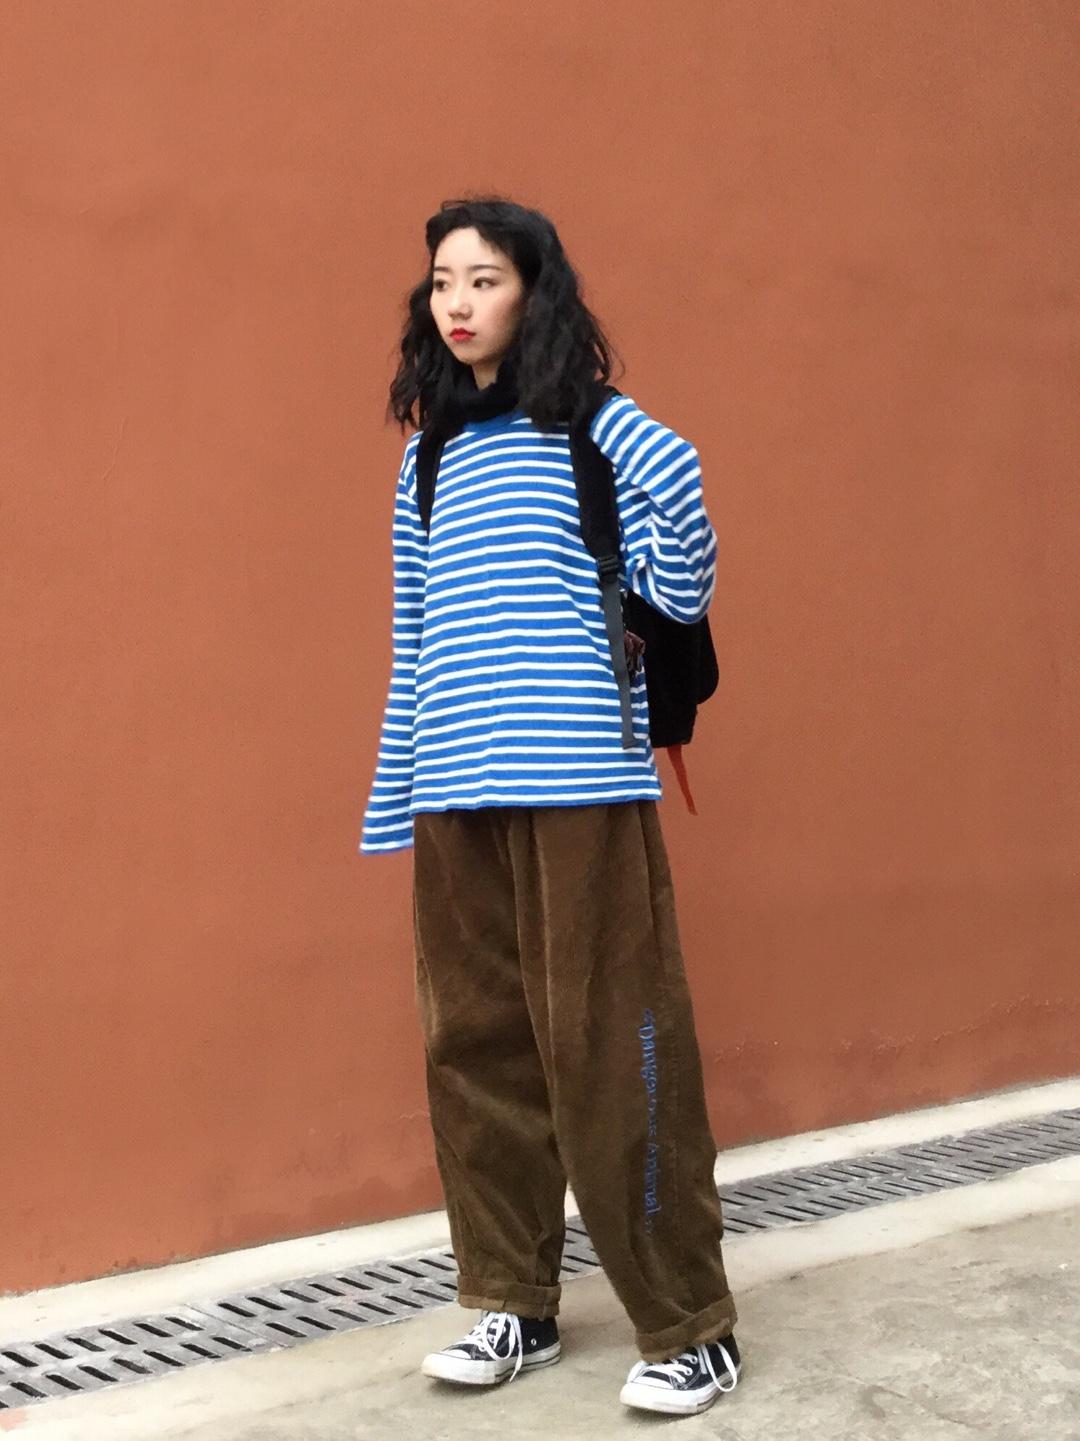 #我的显白穿搭大公开# 优衣库的条纹t 超级百搭超级日常  重要的是显白100分 百搭的帆布鞋 很校园噢~